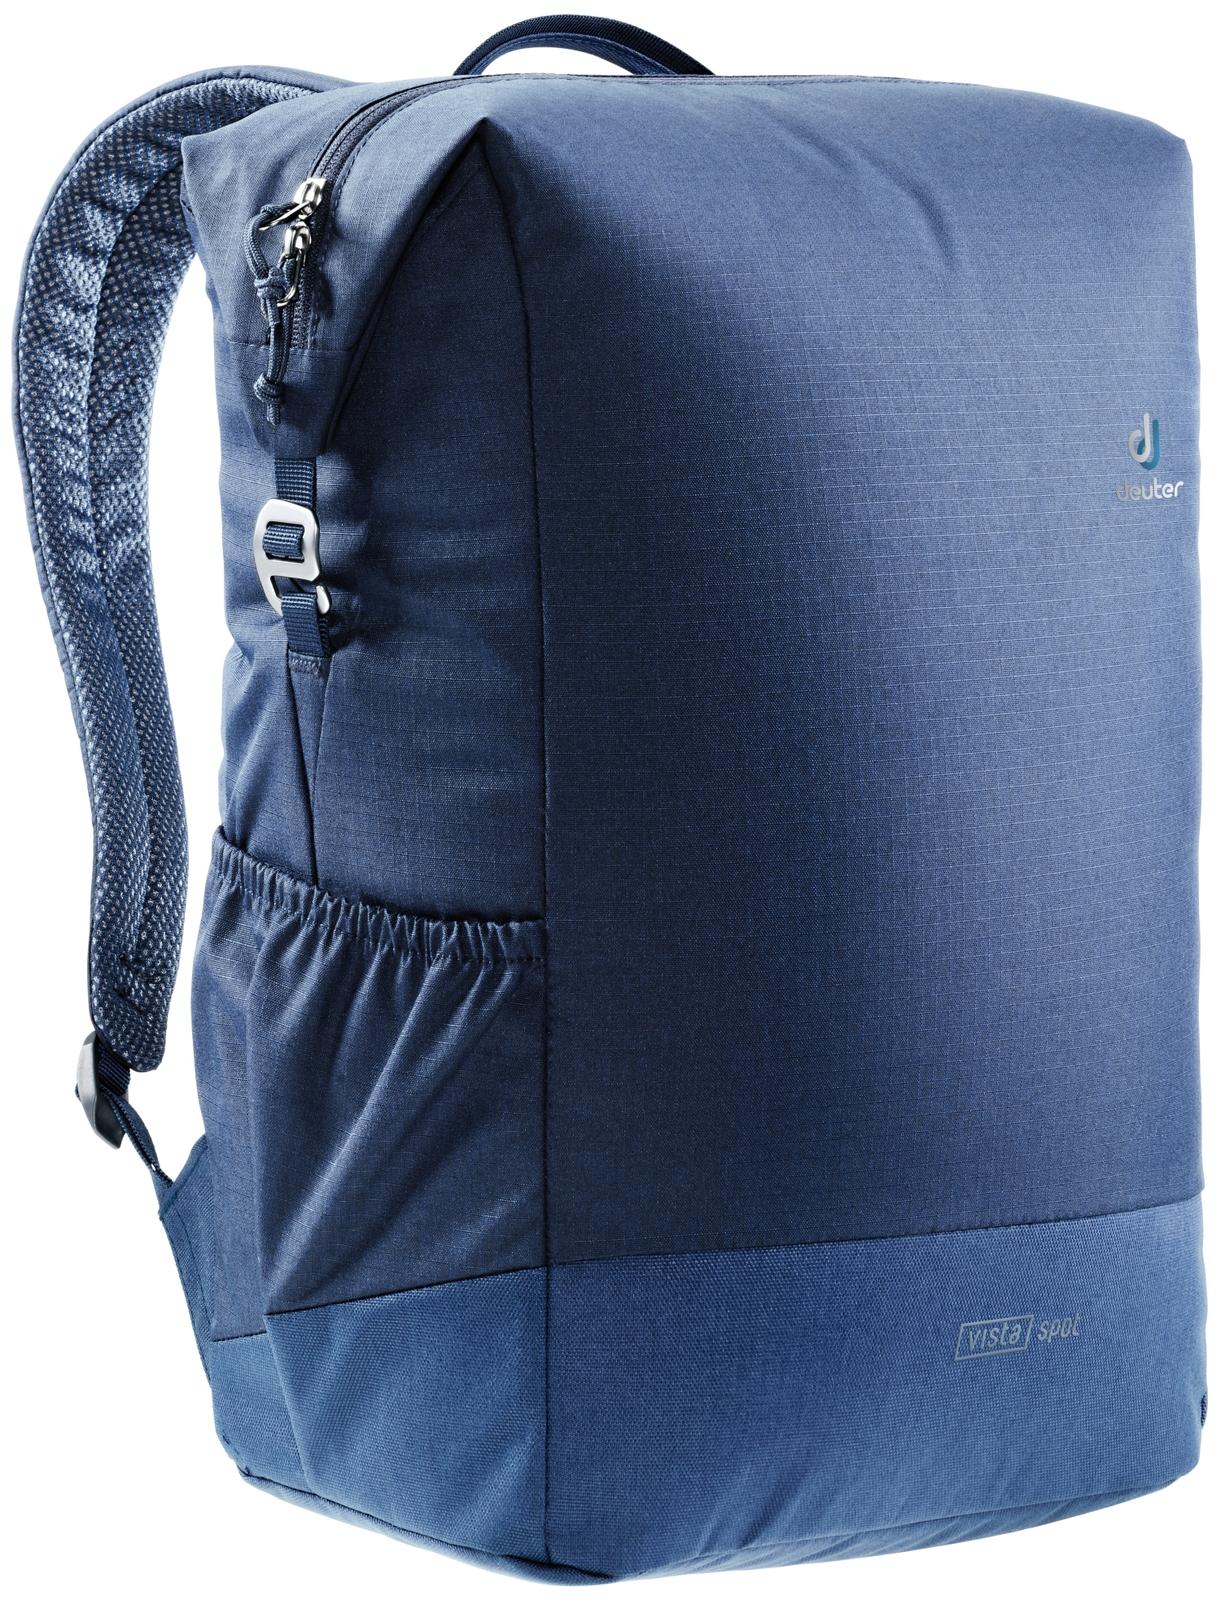 Рюкзак Deuter Vista Spot 18, цвет: серый, черный цена